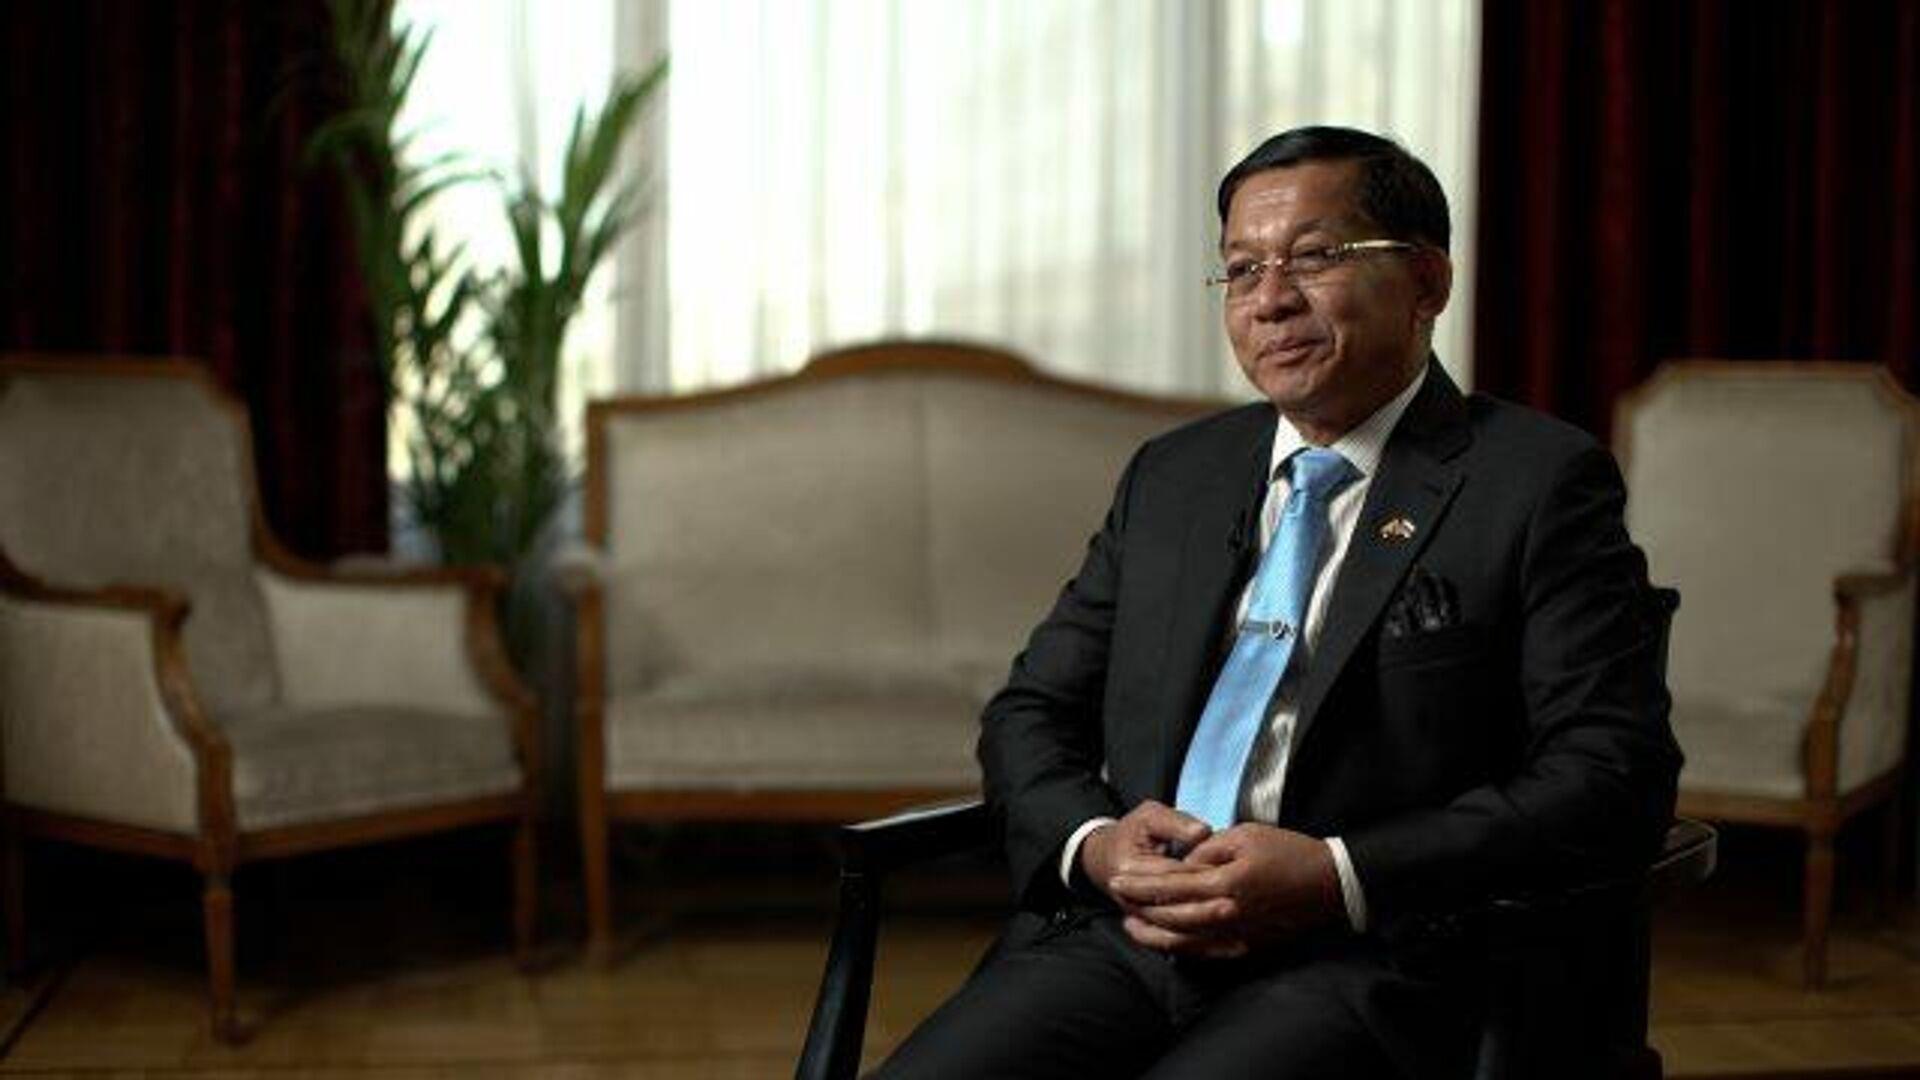 Интервью военного лидера Мьянмы Мин Аун Хлайна - РИА Новости, 1920, 28.06.2021